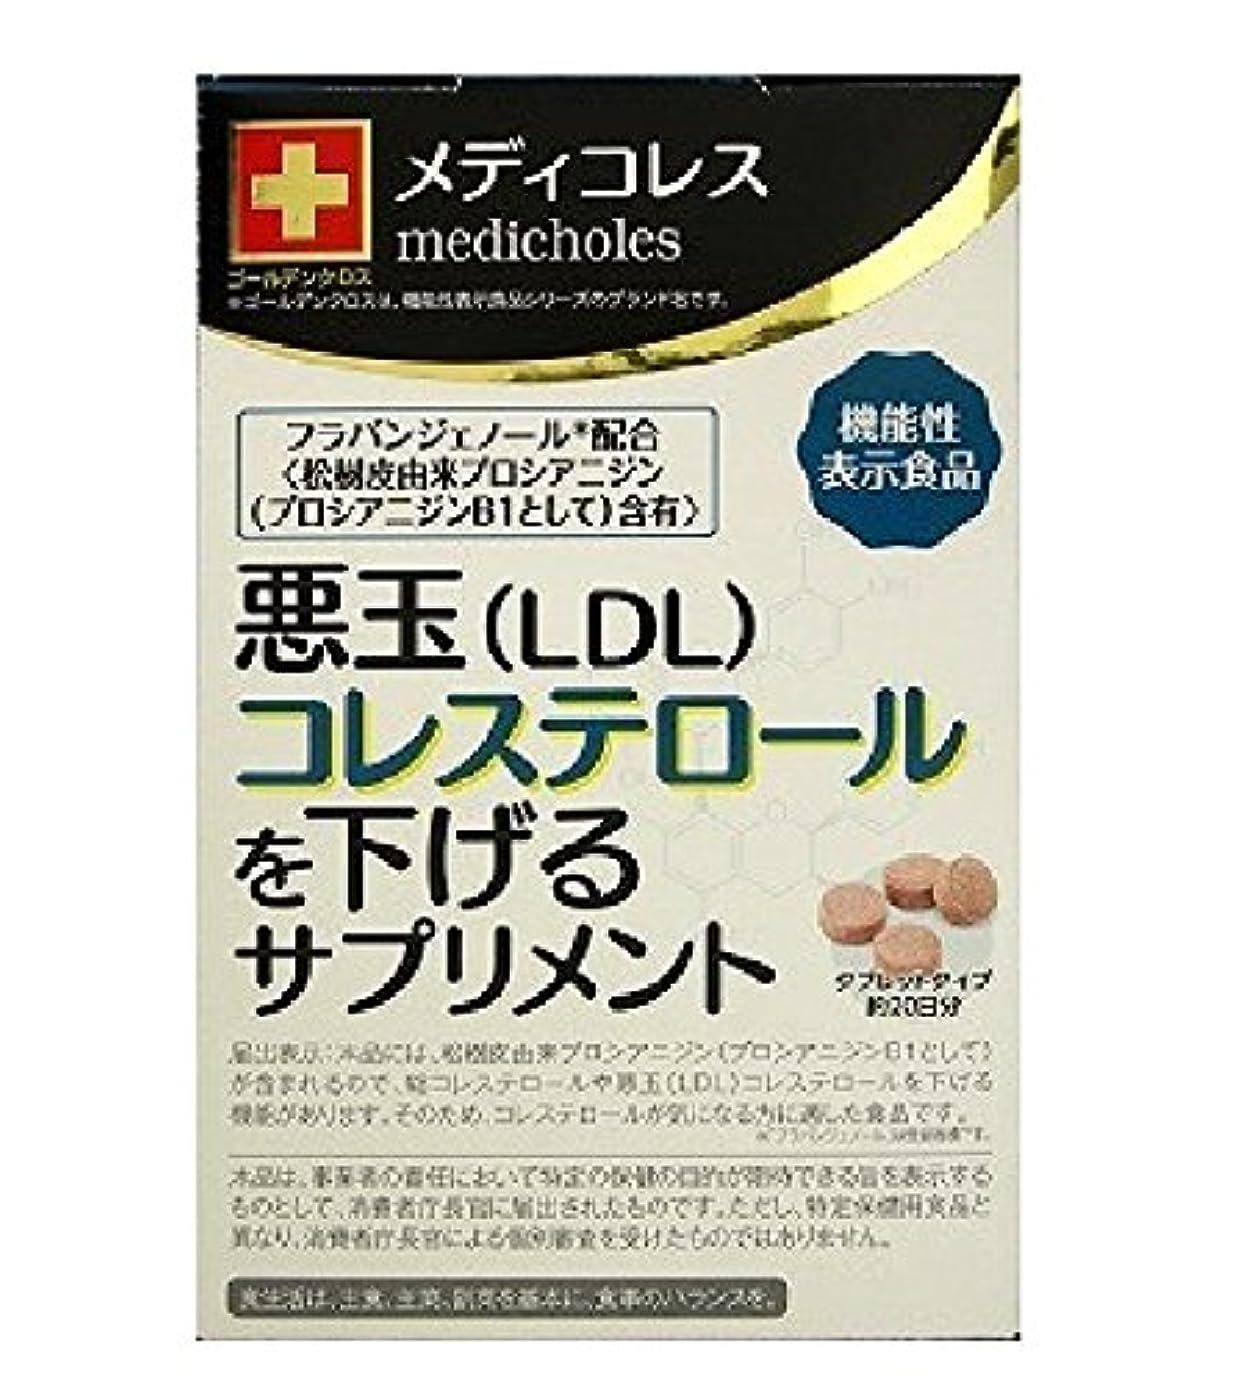 ホームレス衰えるなぜ東洋新薬 メディコレス 250mgx80粒 [機能性表示食品]